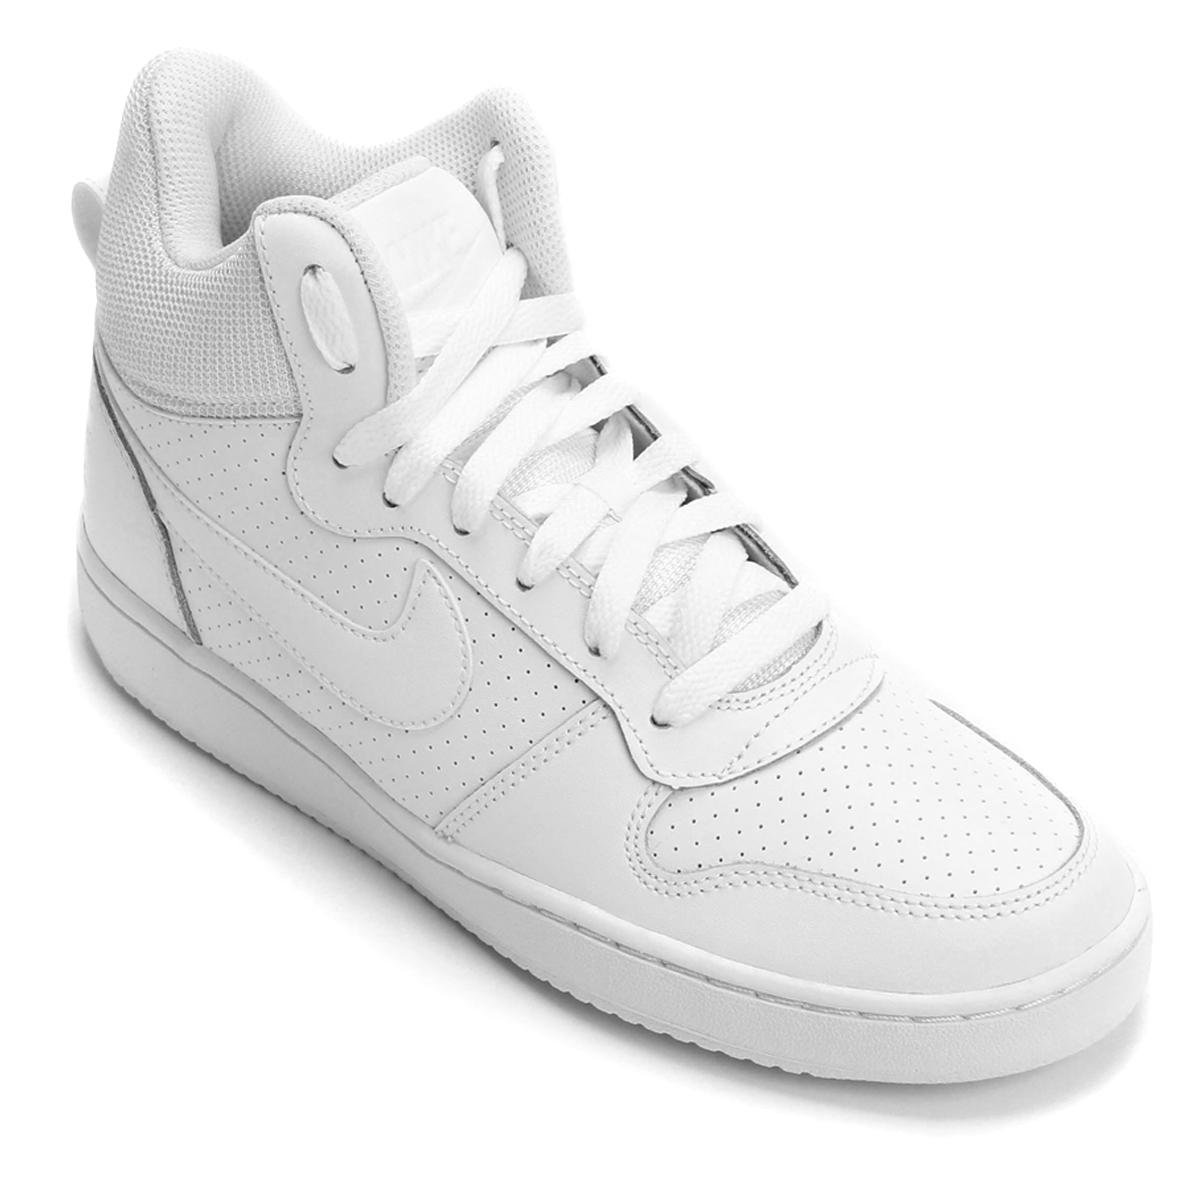 Tênis Couro Cano Alto Nike Recreation Mid Feminino - Branco - Compre ... 48610bed30299